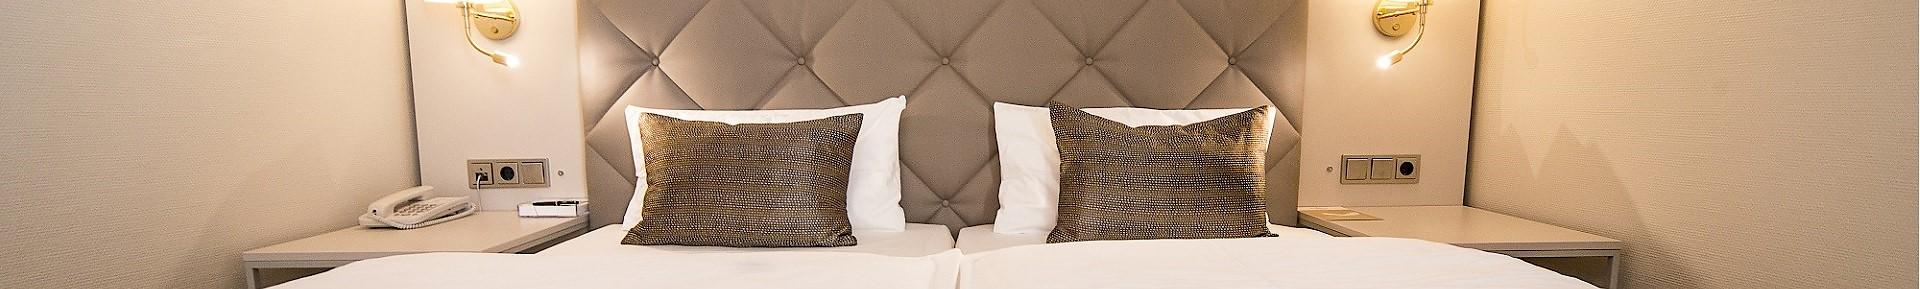 Übernachtung im Hotel in Münster Westfalen in gemütlichen Zimmern im Zentrum der Stadt